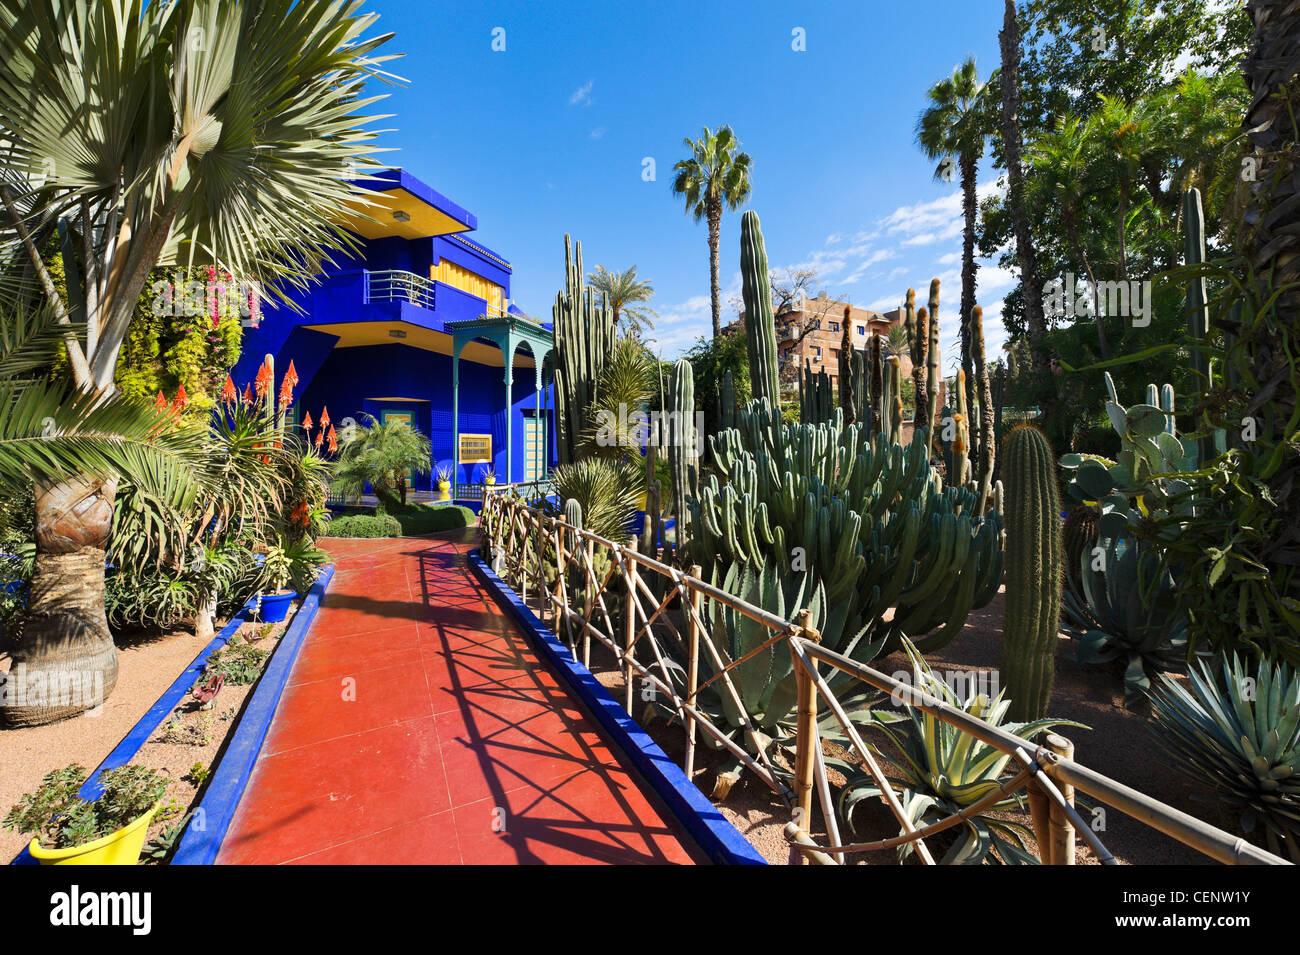 Jardin Majorelle. Art deco villa at the centre of the Majorelle Garden, Marrakech, Morocco, North Africa - Stock Image